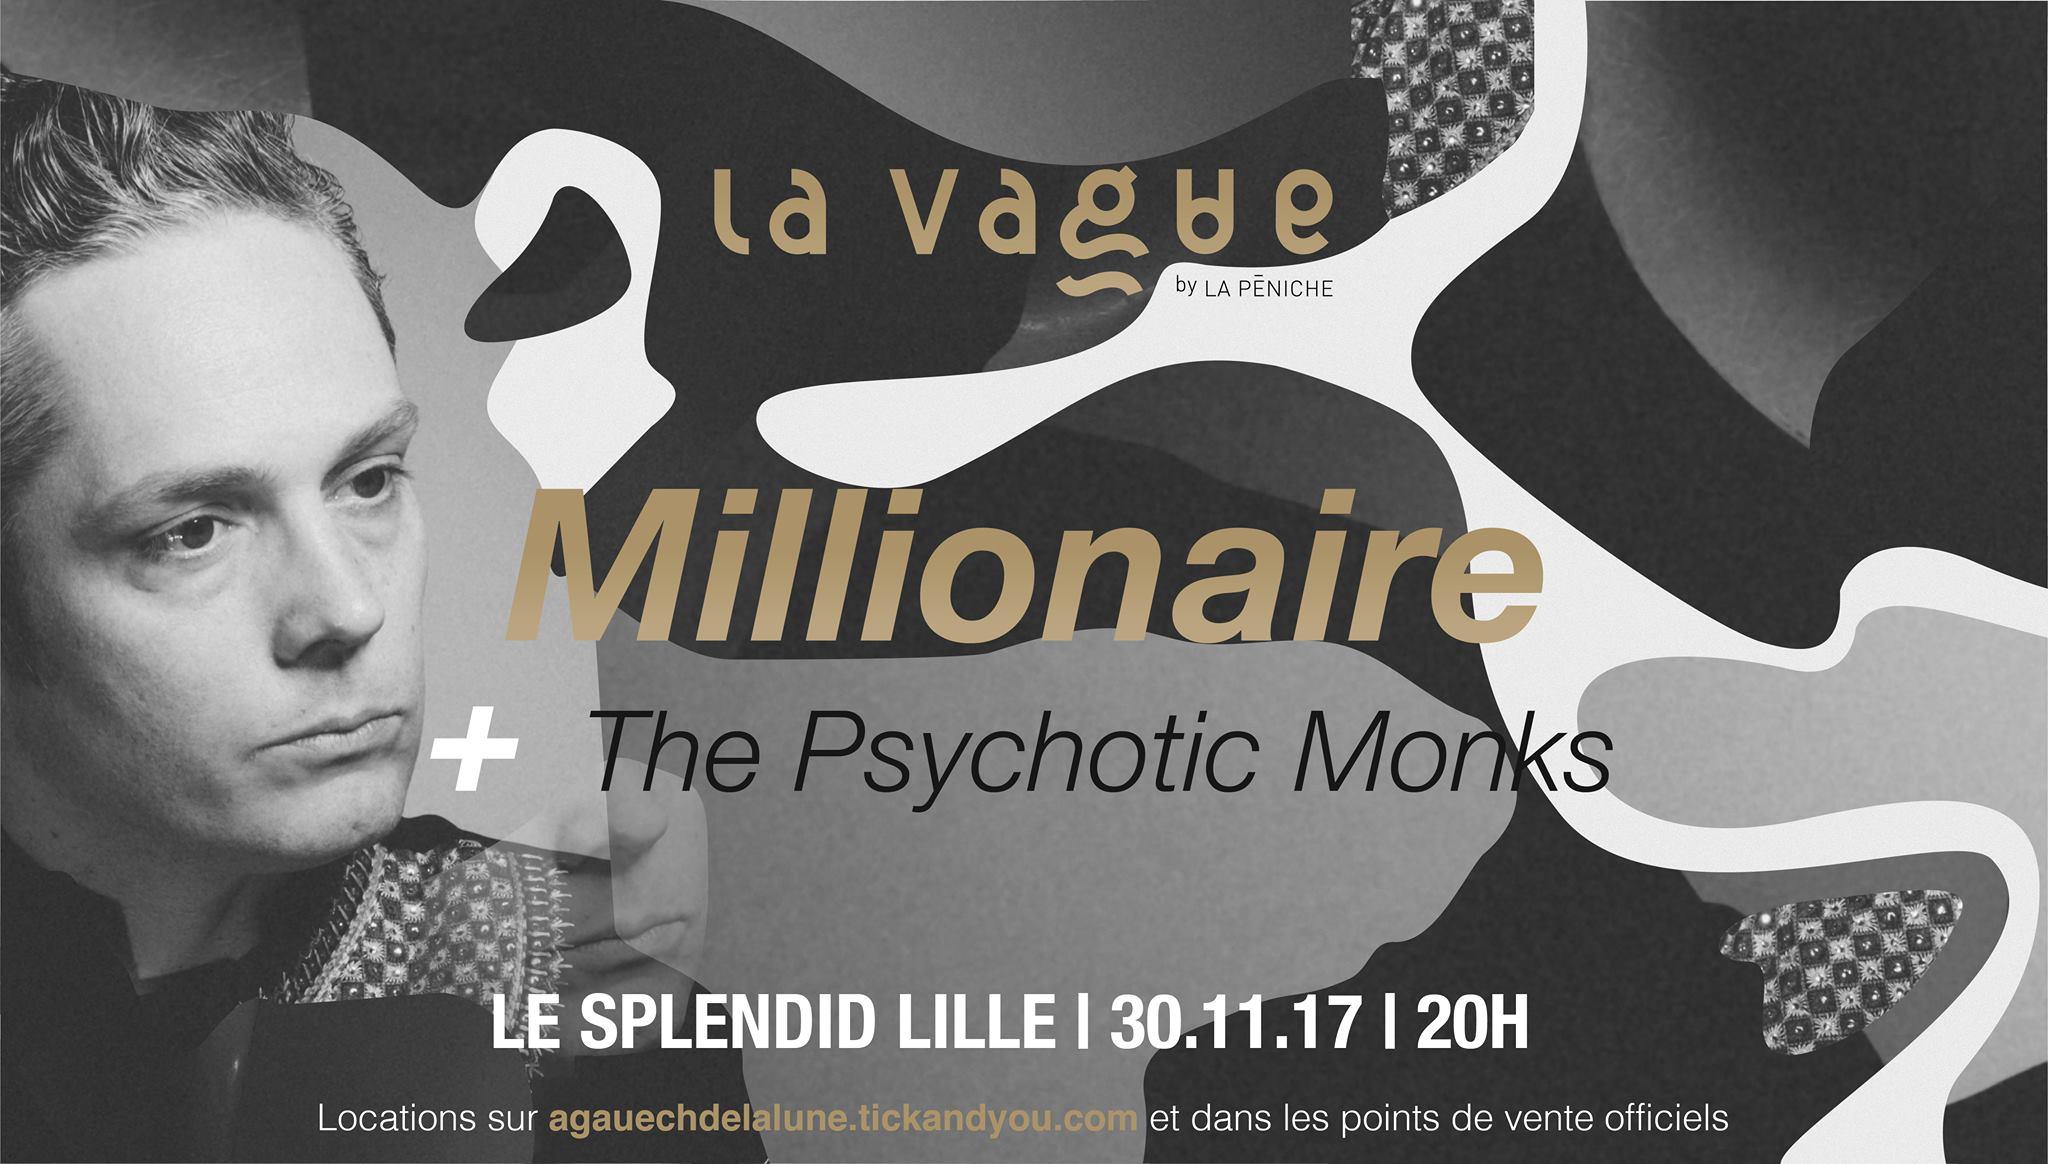 La vague : Millionaire + The Psychotick Monks